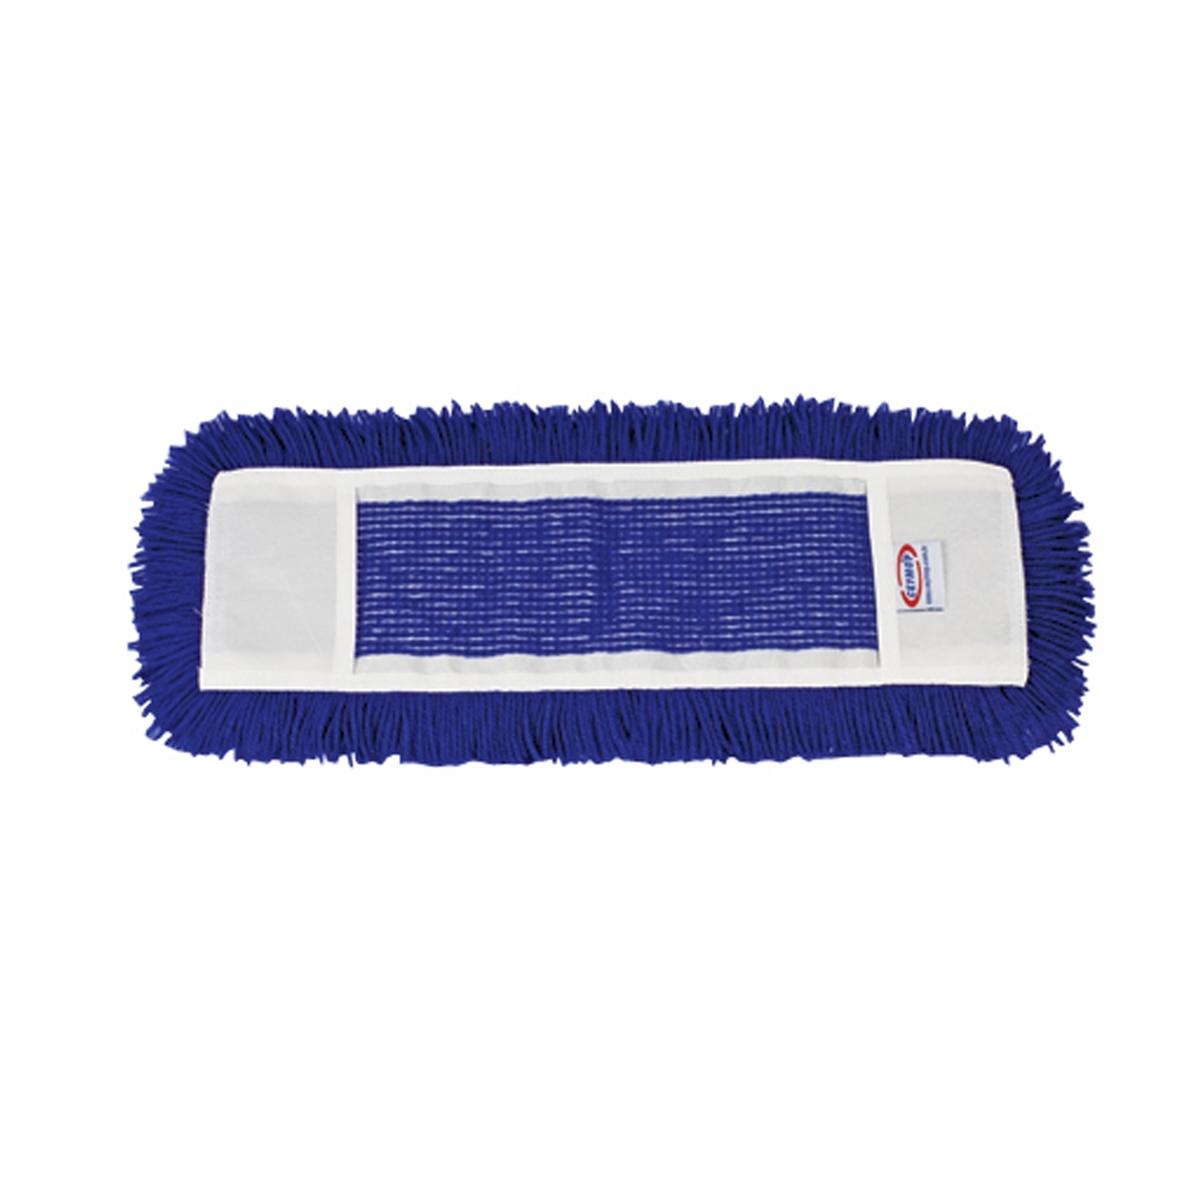 Ceymop Saçaklı Orlon Mop 50cm resmi